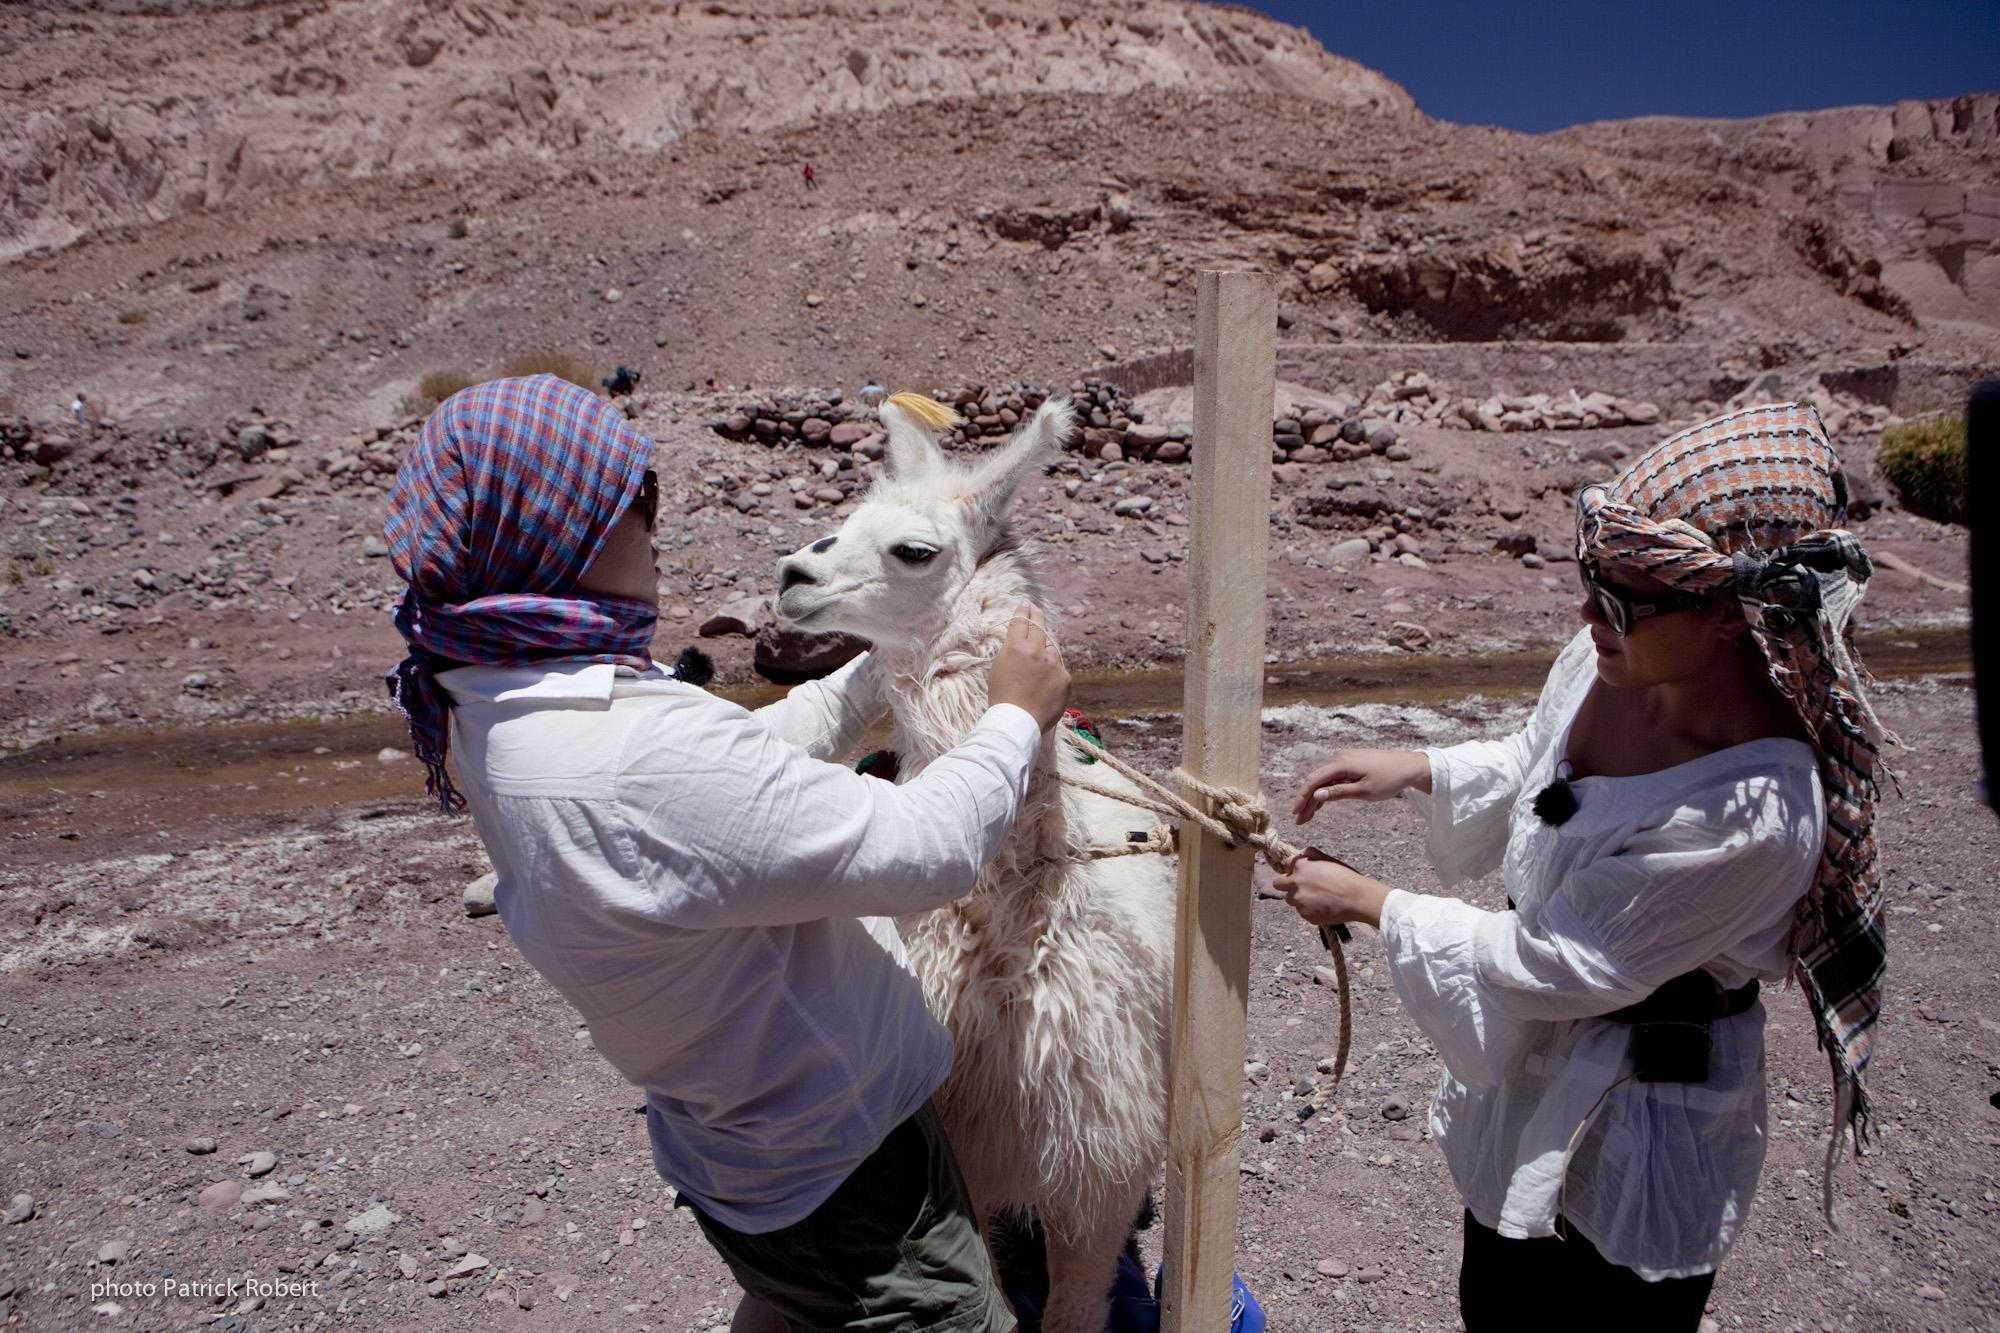 Pékin Express 5 - Hoang et Quyen - Chili Désert d'Aracama